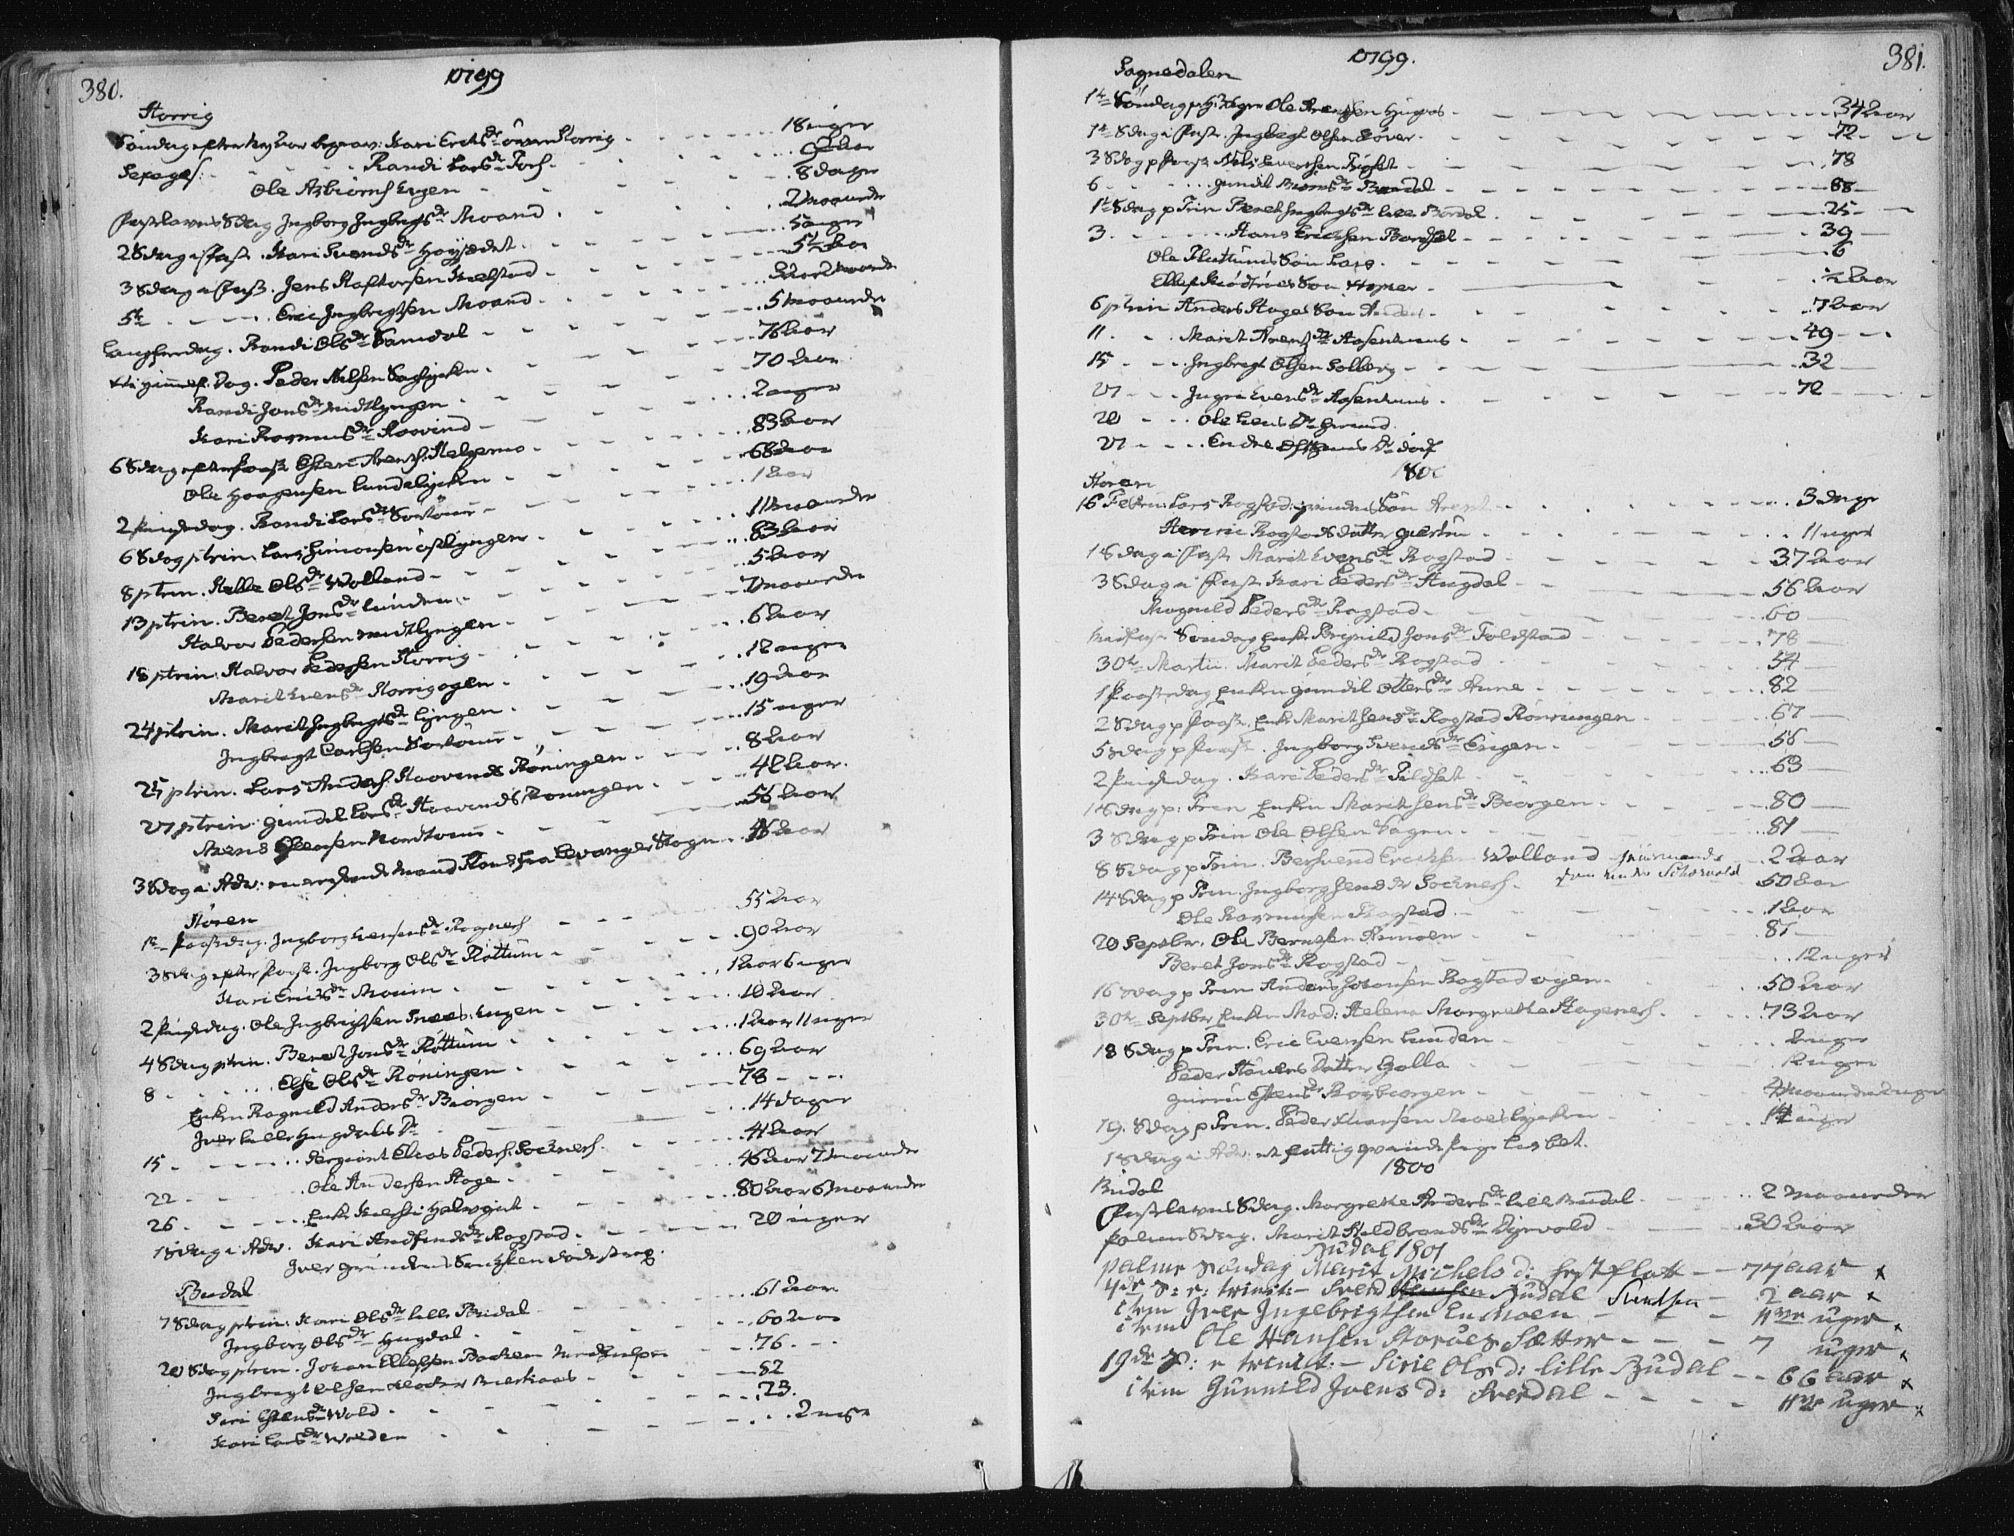 SAT, Ministerialprotokoller, klokkerbøker og fødselsregistre - Sør-Trøndelag, 687/L0992: Ministerialbok nr. 687A03 /1, 1788-1815, s. 380-381